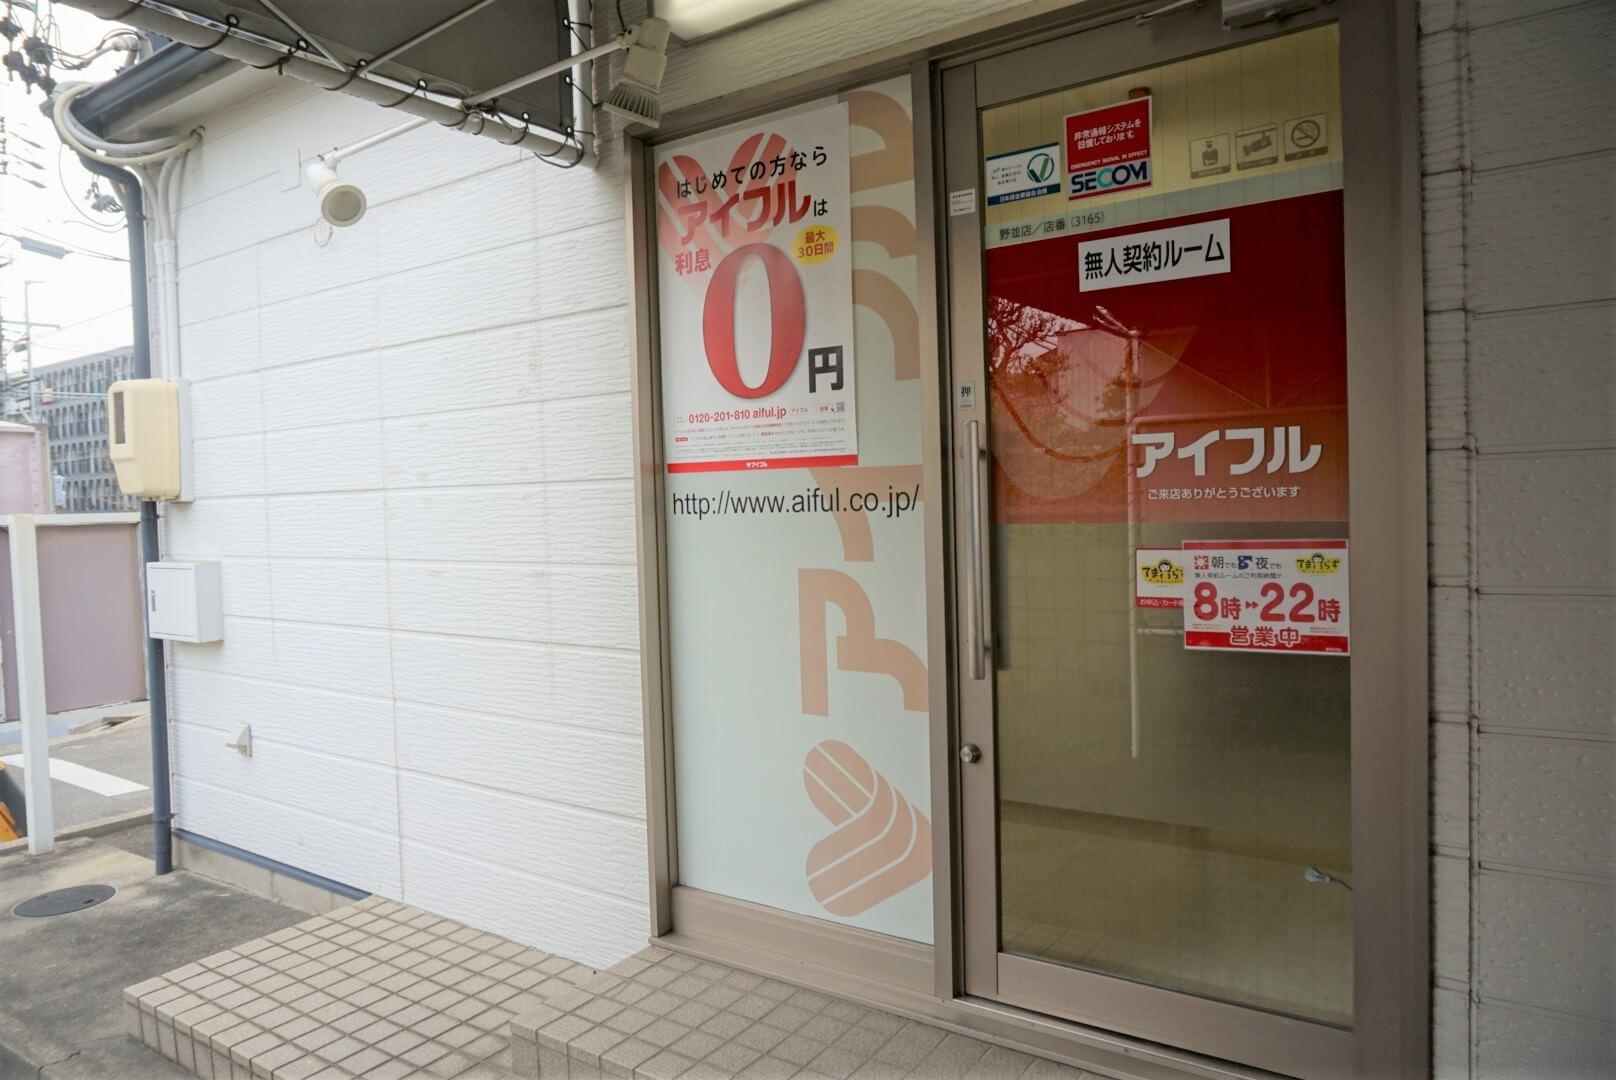 アイフルの店舗の写真